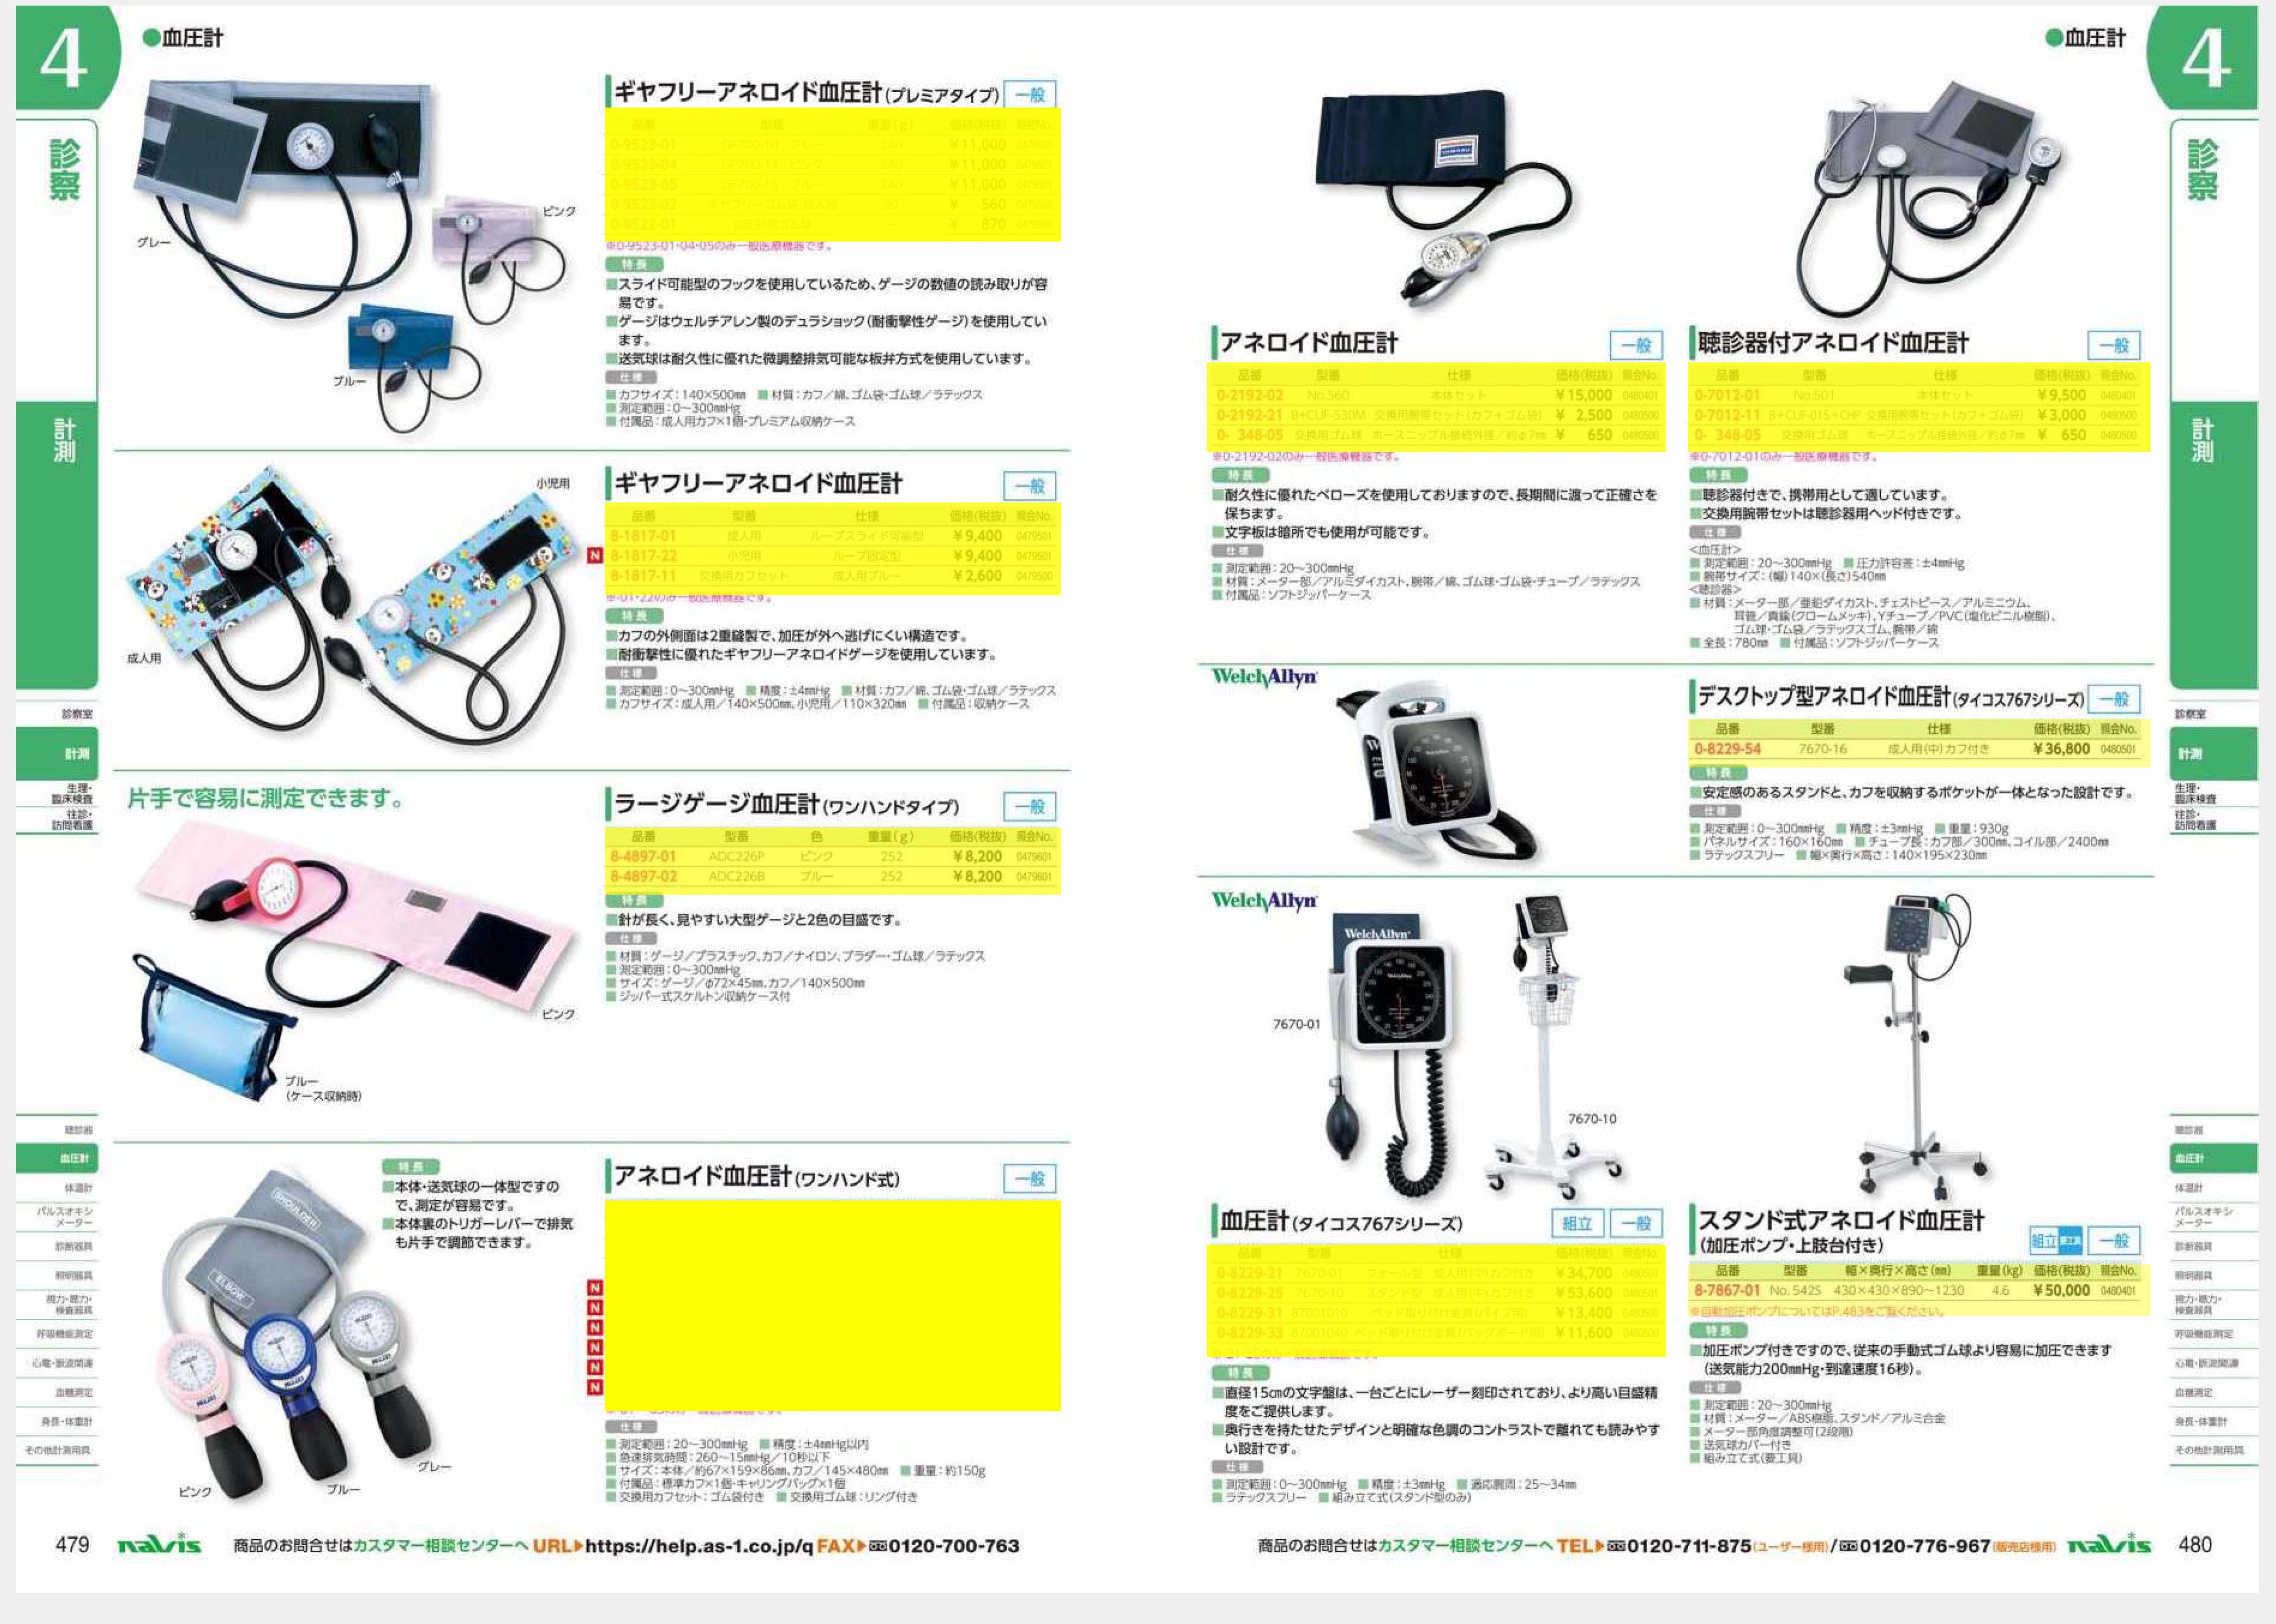 ナビス50000 8-5540-02 アネロイド血圧計[ワンハンド式] HT−1500 ブルー[箱](as1-8-5540-02)